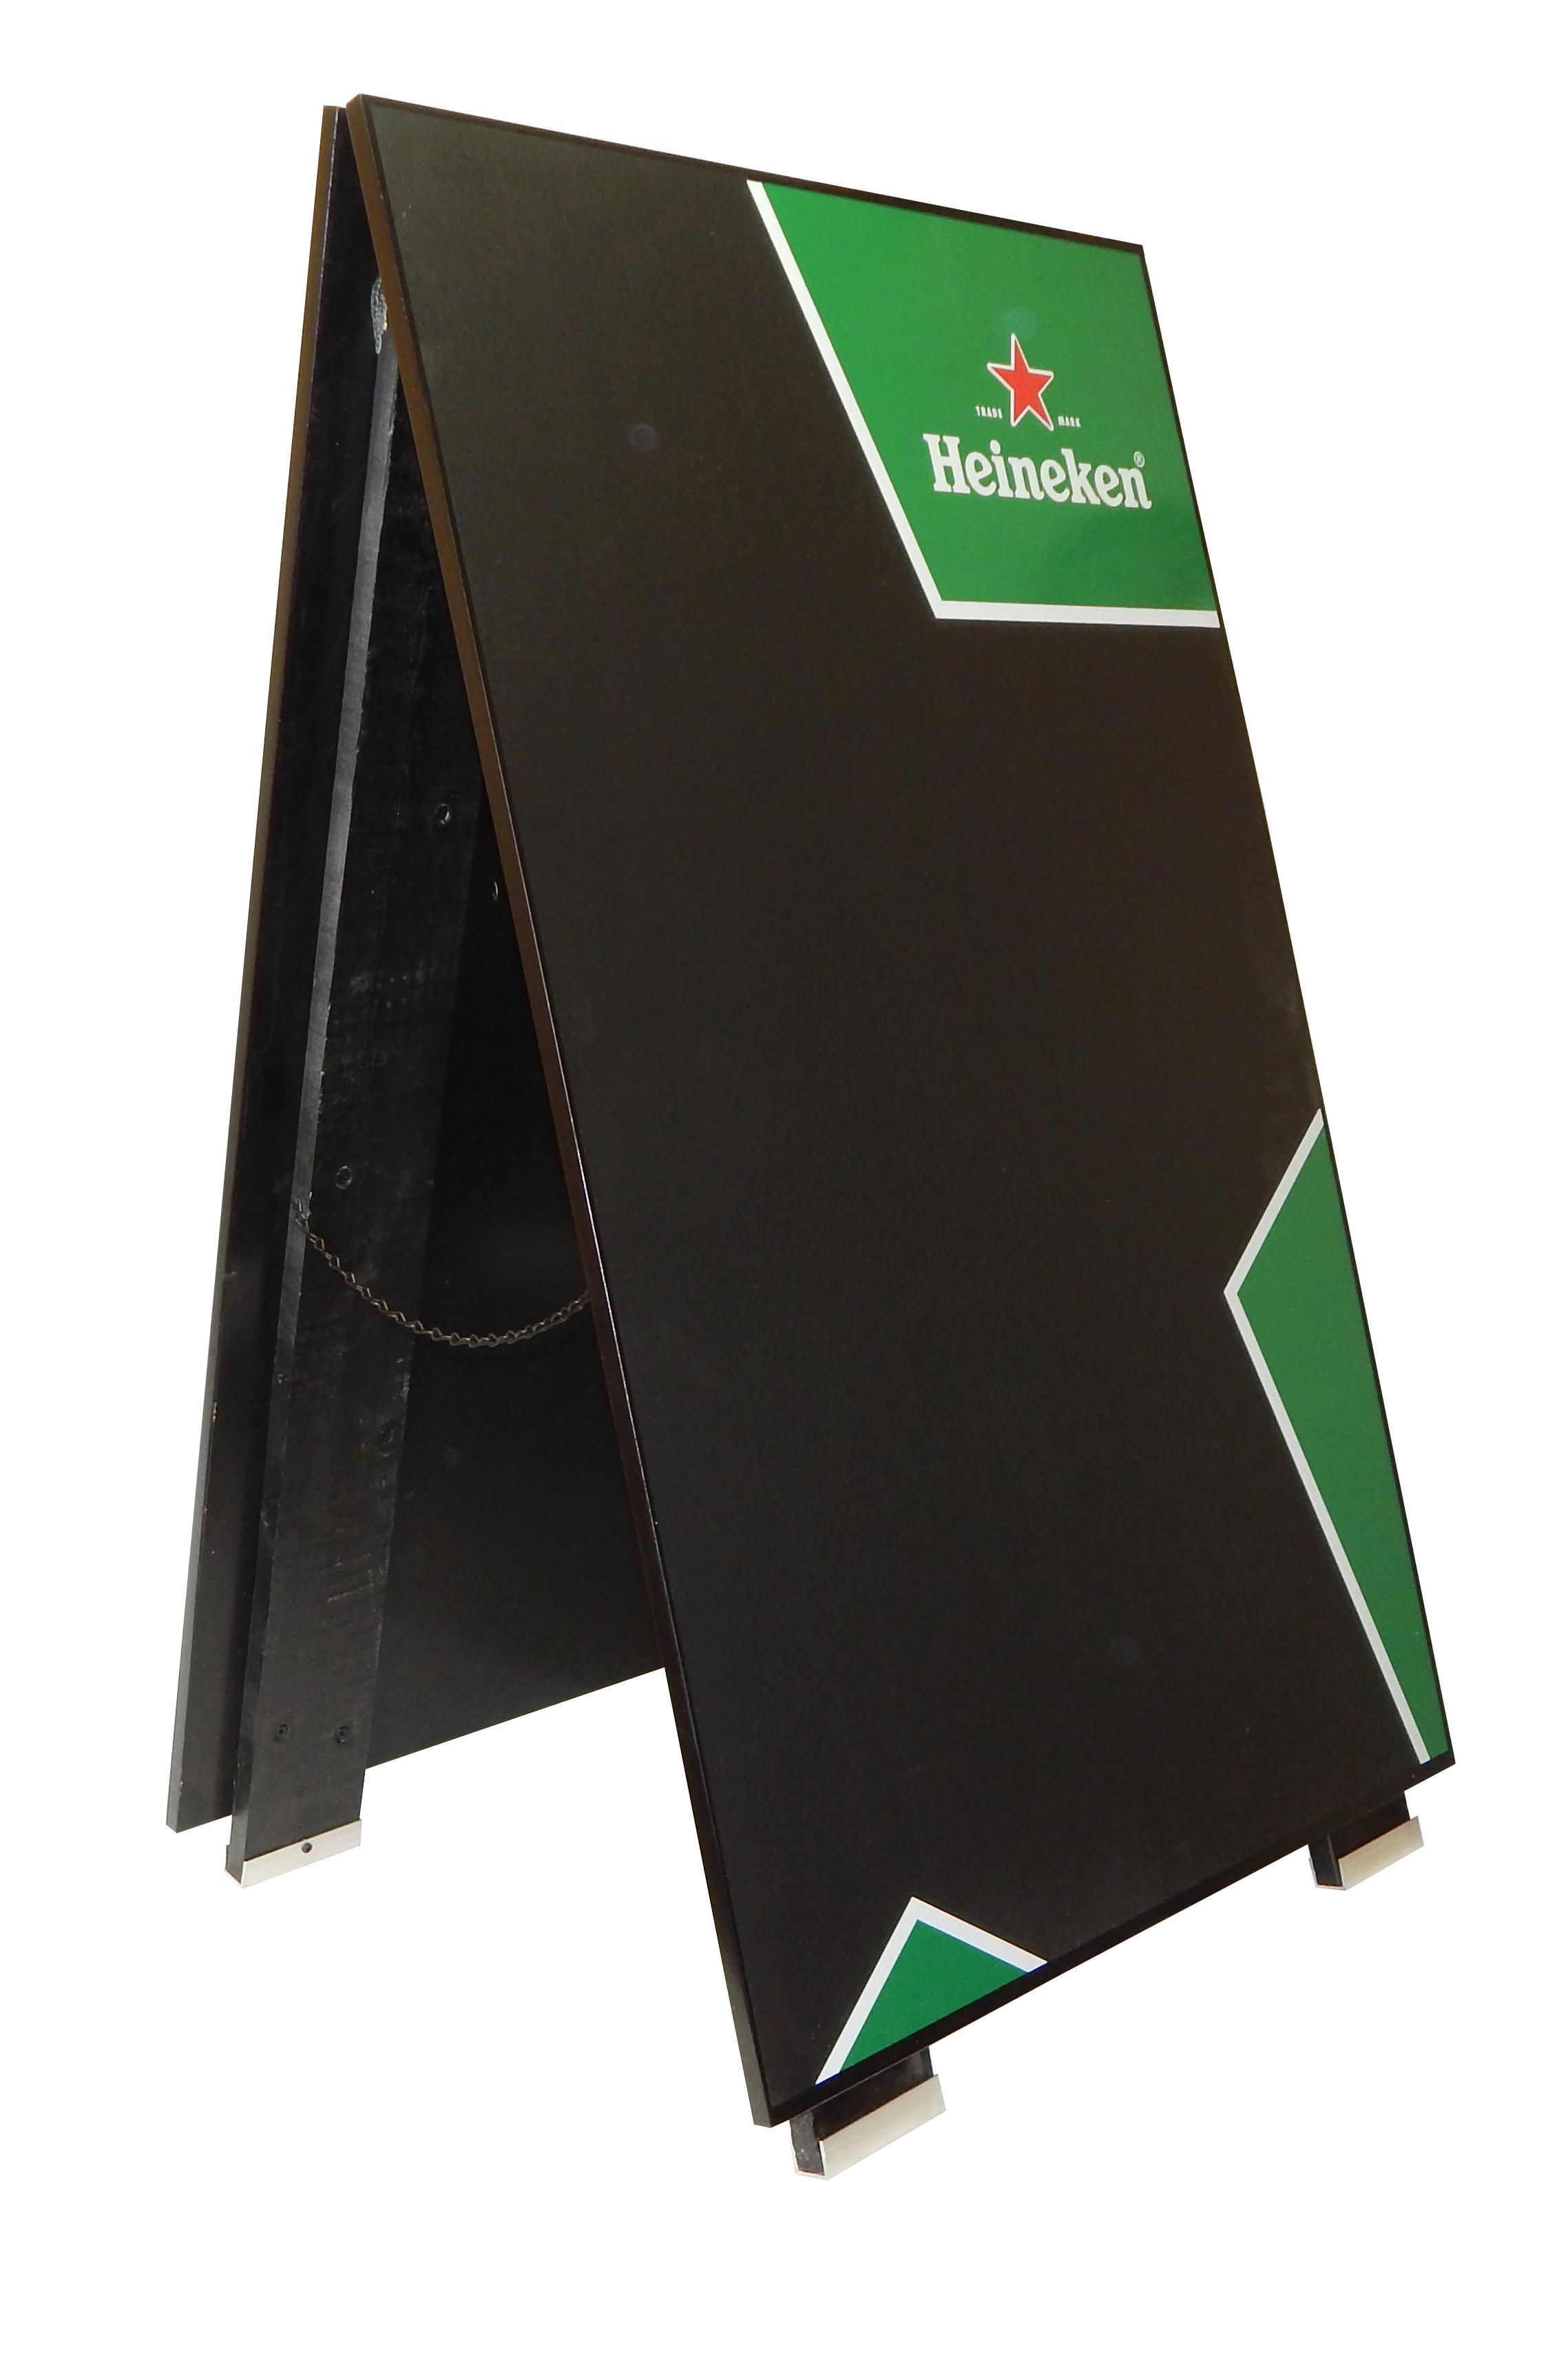 Heineken A-Frame 2537